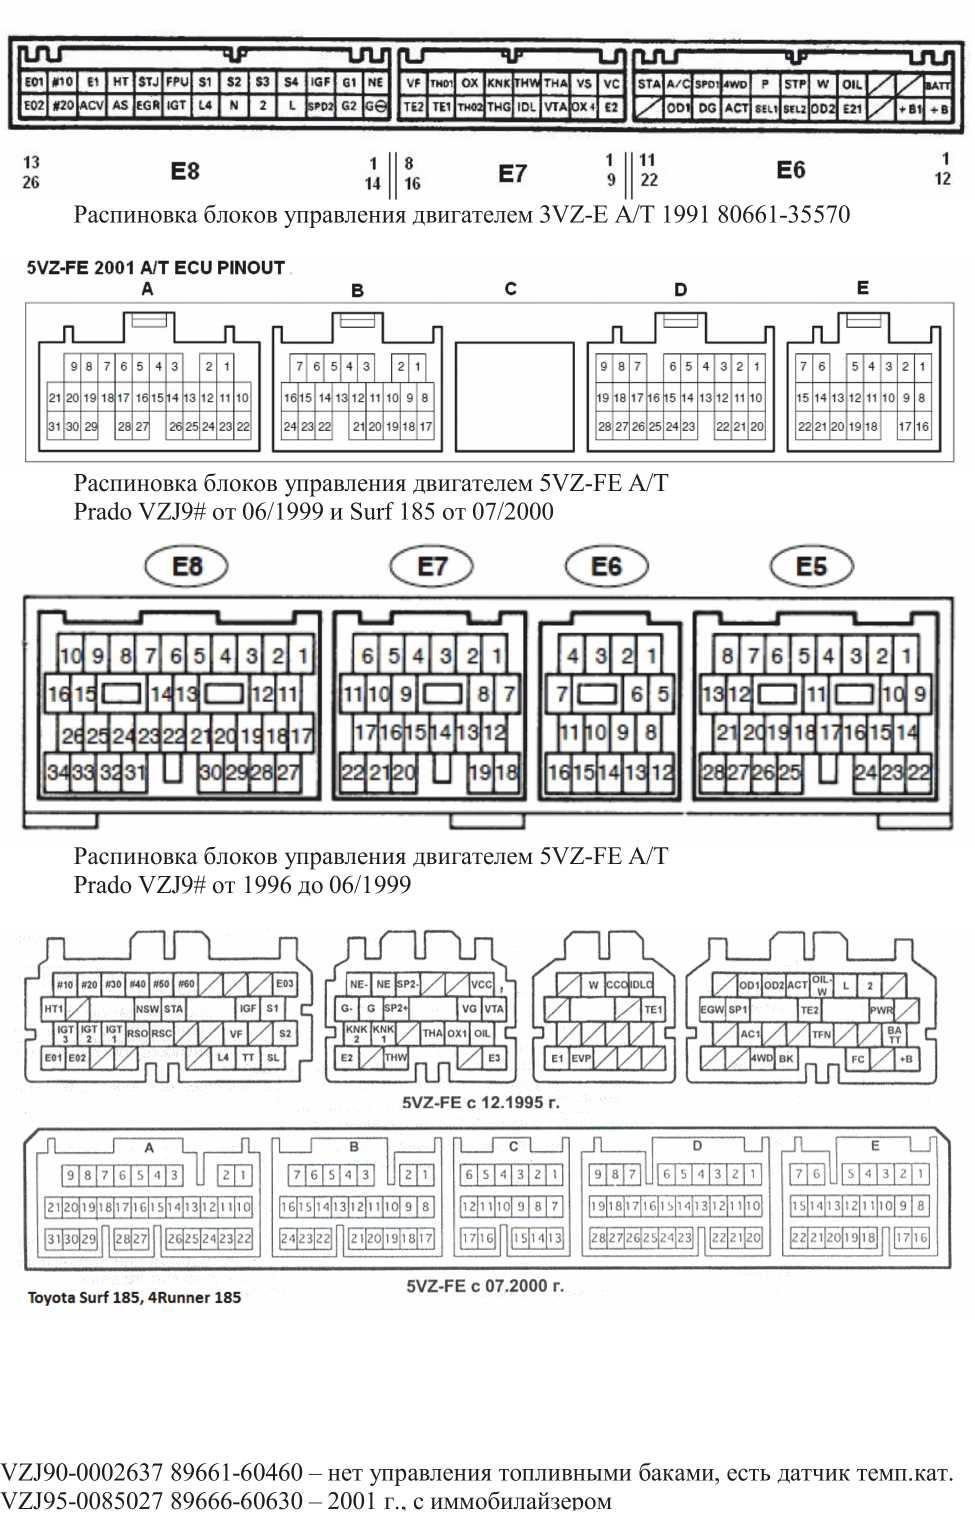 1jz Engine Wiring Diagram 5vzfe